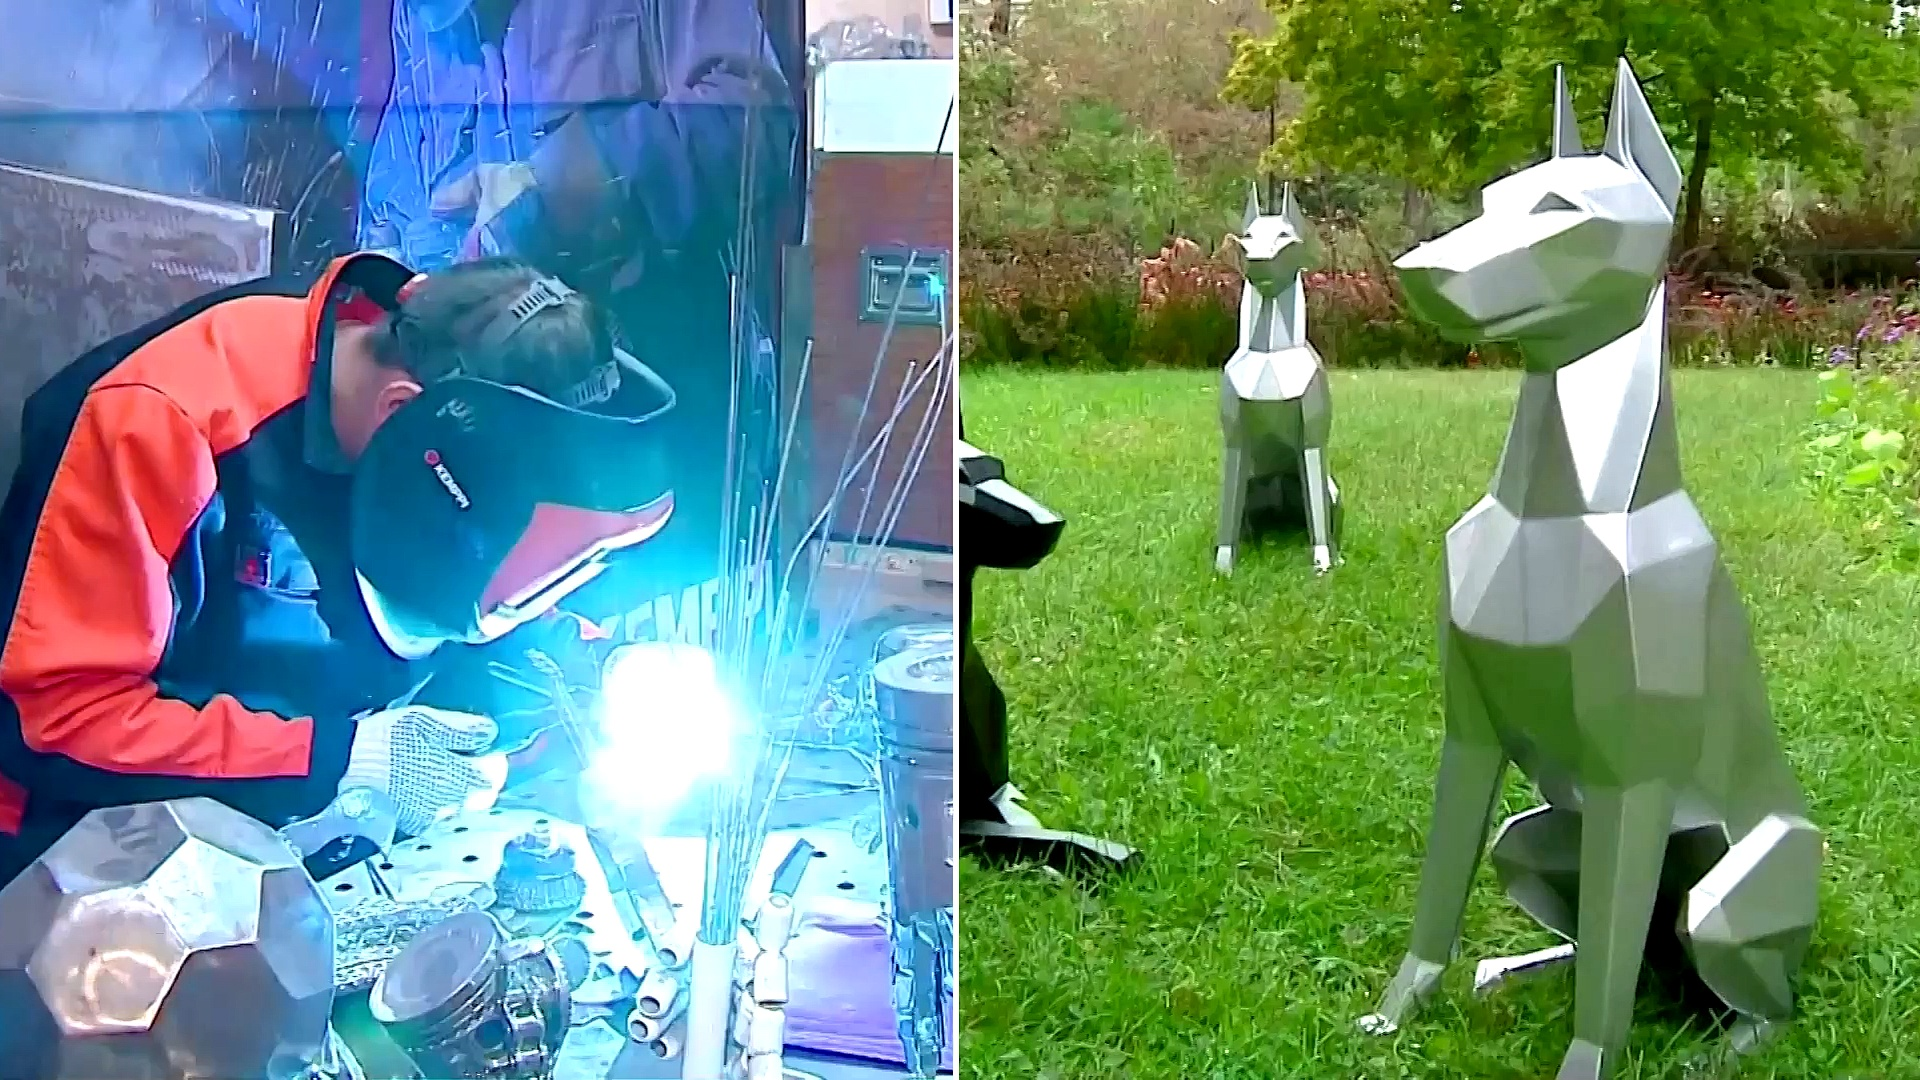 Сварщик из Екатеринбурга зарабатывает на 3D-доберманах